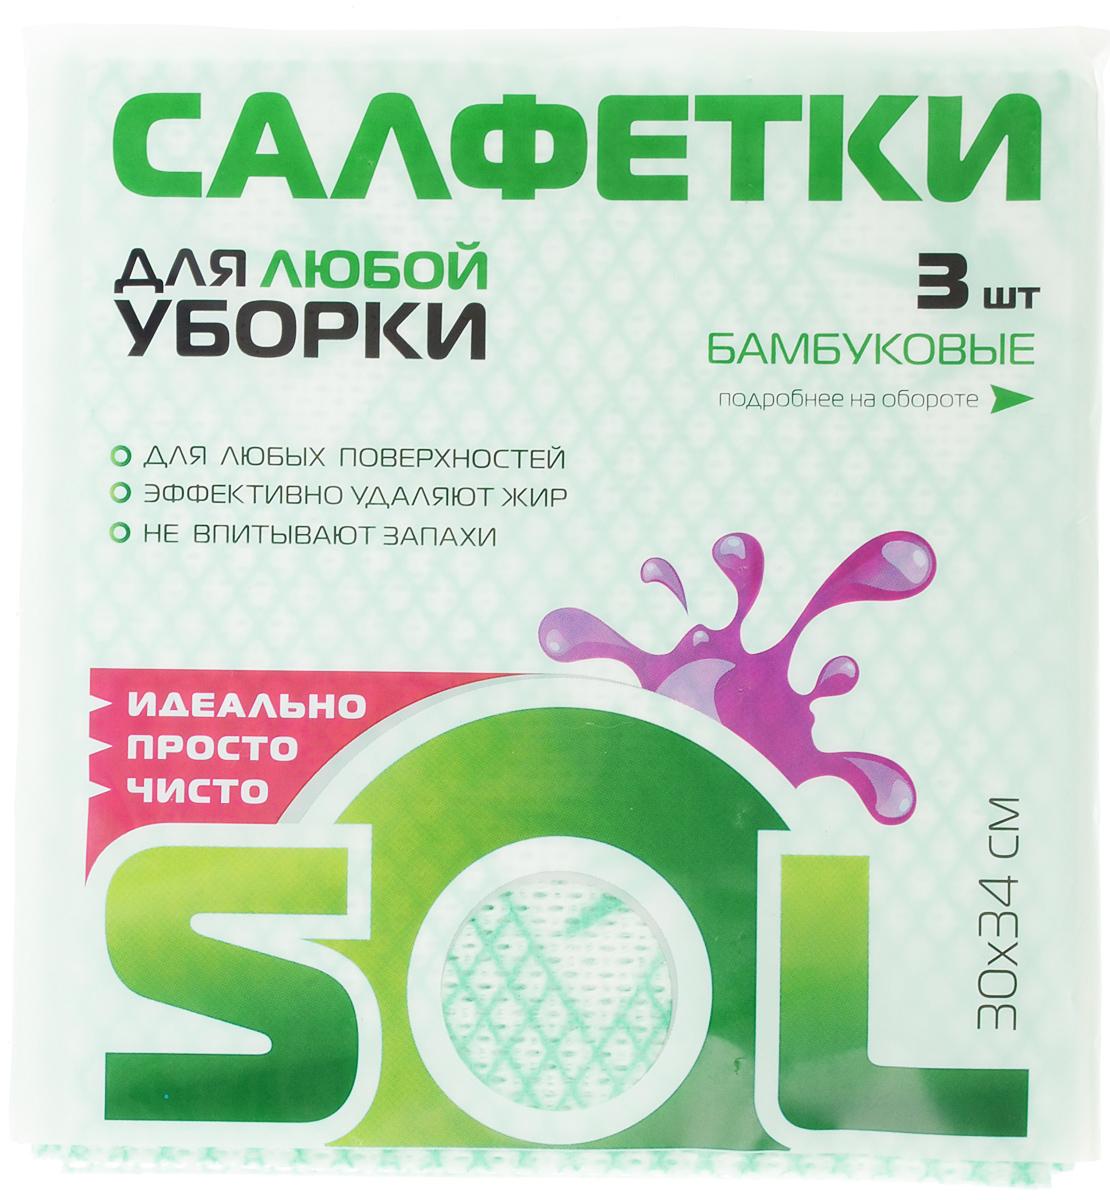 Салфетка для уборки Sol, из бамбукового волокна, цвет: белый, зеленый, 30 x 34 см, 3 штPANTERA SPX-2RSСалфетки Sol, выполненные из бамбукового волокна, вискозы и полиэстера, предназначены для уборки. Бамбуковое волокно - экологичный и безопасный для здоровья человека материал, не содержащий в своем составе никаких химический добавок, синтетических материалов и примесей. Благодаря трубчатой структуре волокон, жир и грязь не впитываются в ткань, легко вымываются обычной водой.Рекомендации по уходу:Бамбуковые салфетки не требуют особого ухода. После каждого использования их рекомендуется промыть под струей воды и просушить. Периодически рекомендуется простирывать салфетки мылом. Не следует стирать их с порошками, а также специальными очистителями или бытовыми моющими средствами. Кроме того не рекомендуется сушить салфетки на батарее.